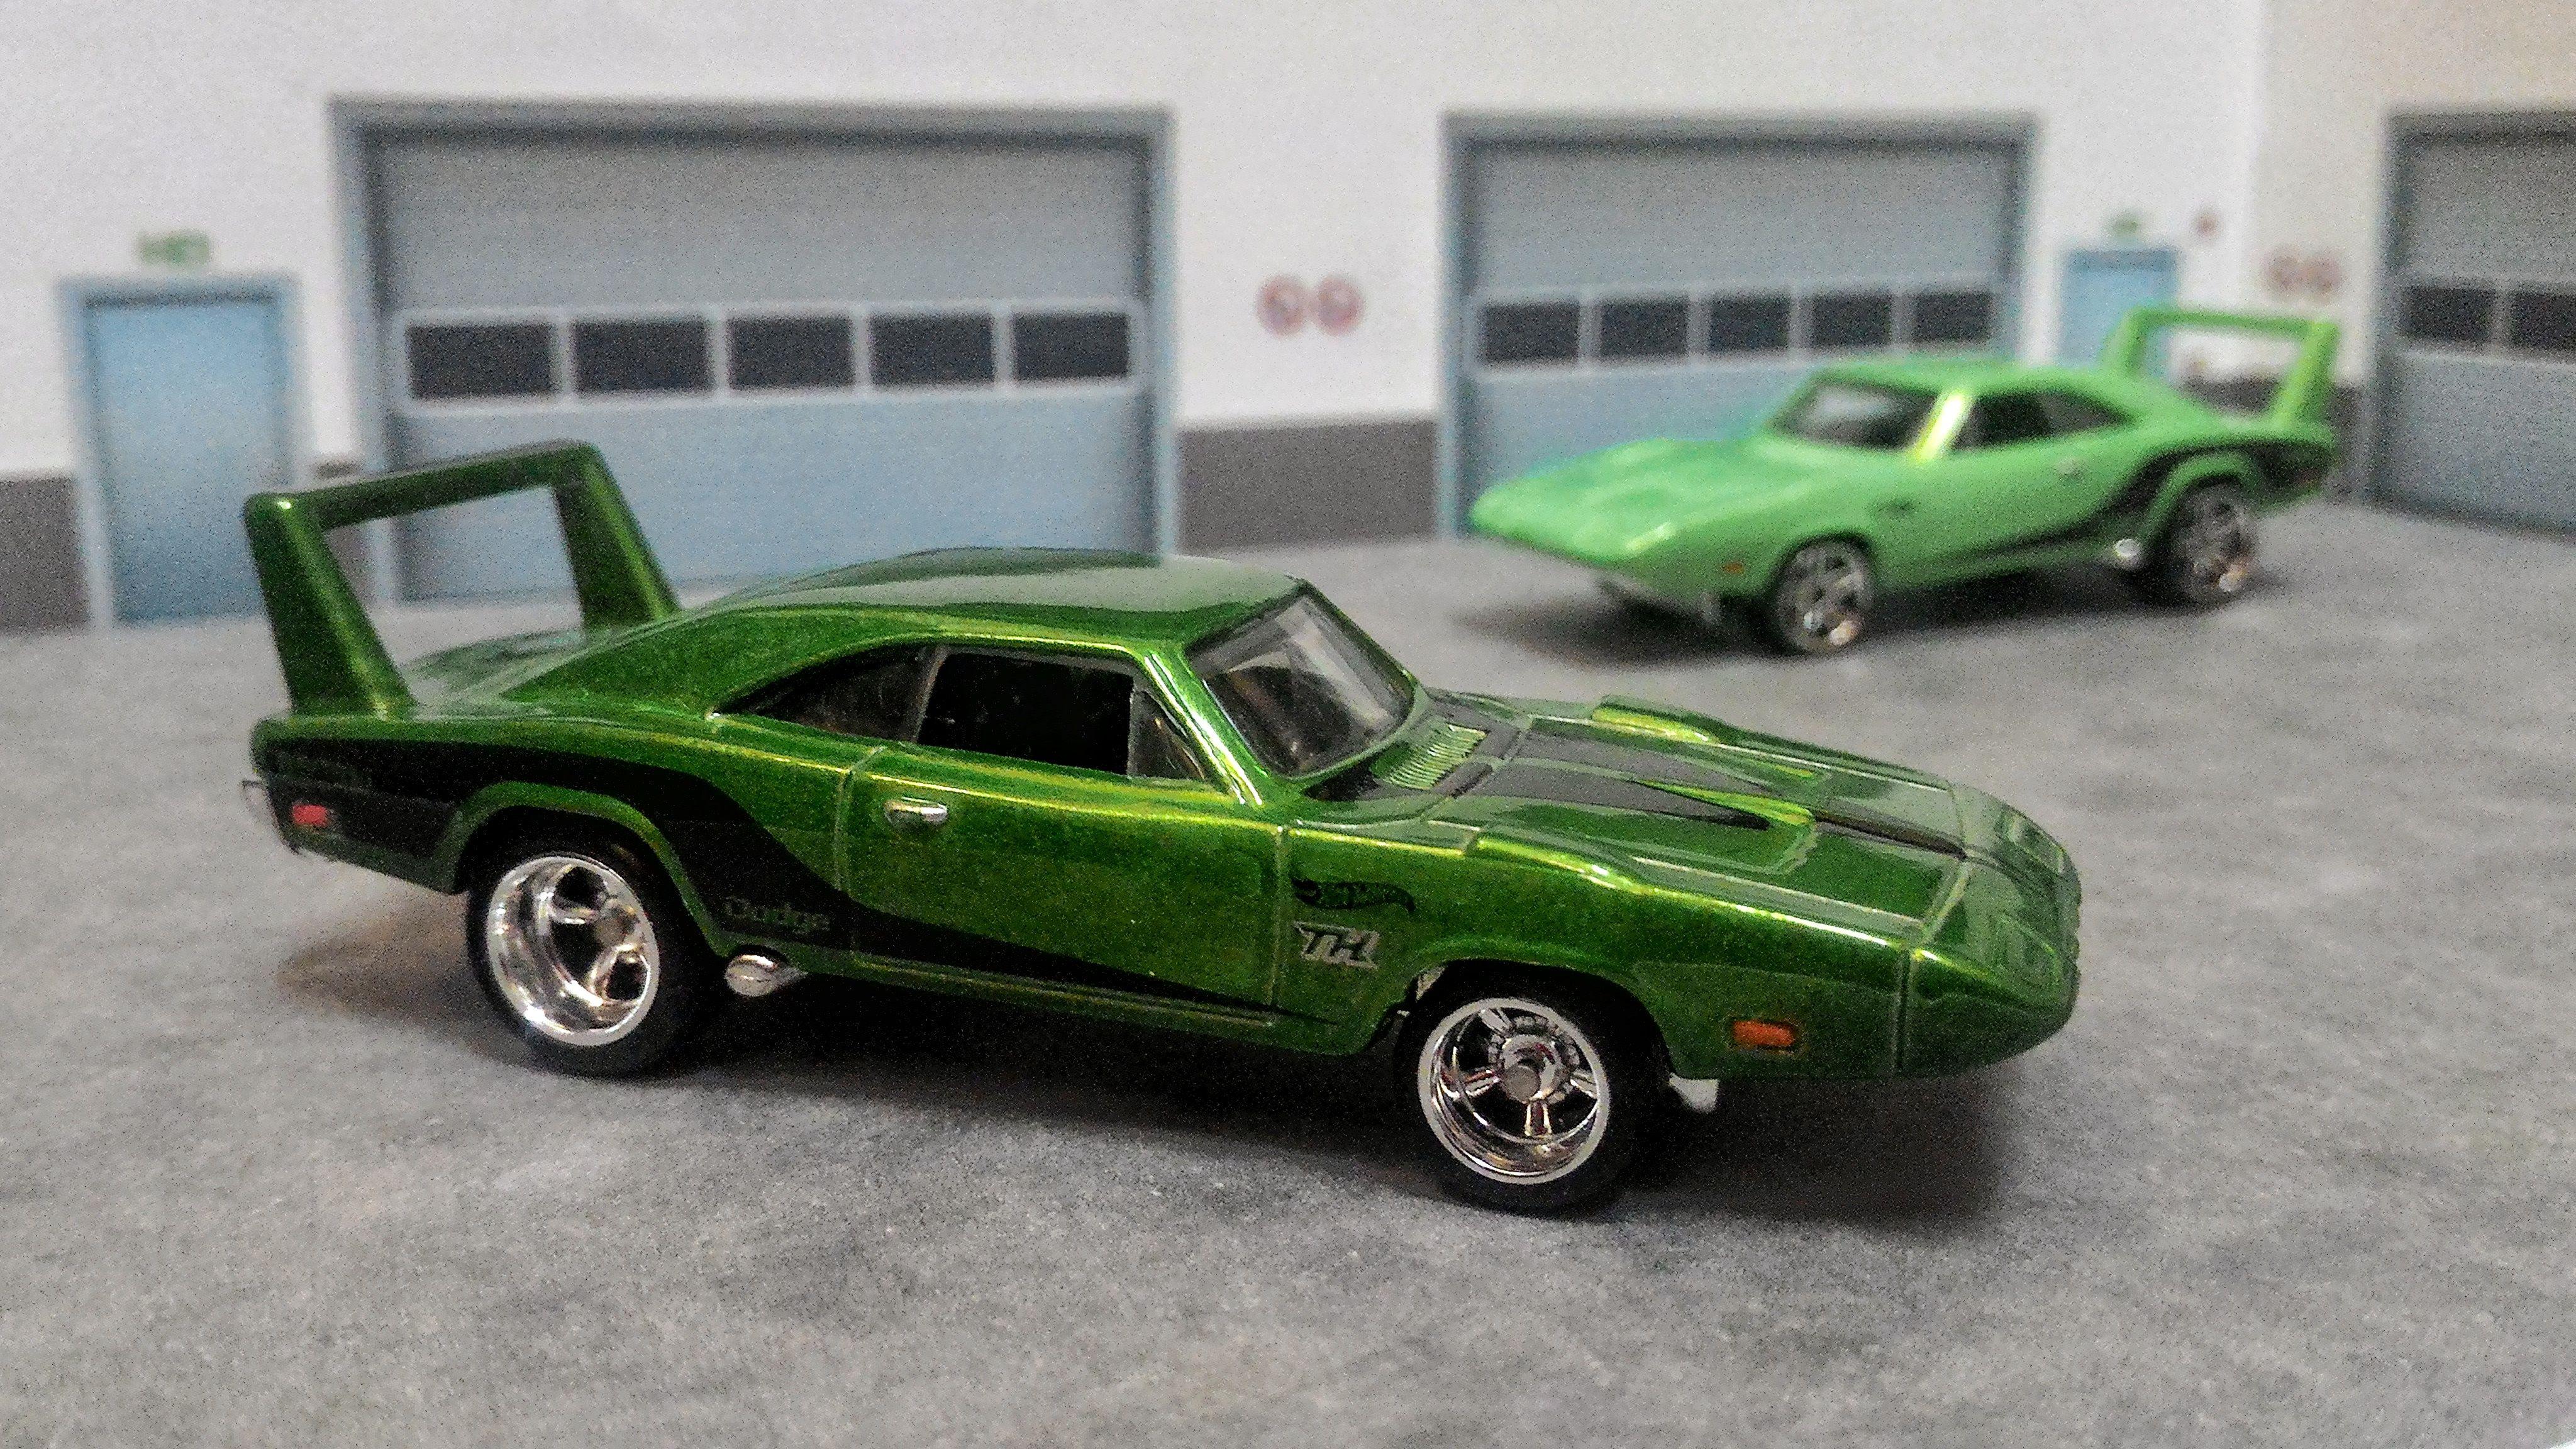 69 Dodge Charger Daytona Super Treasure Hunt